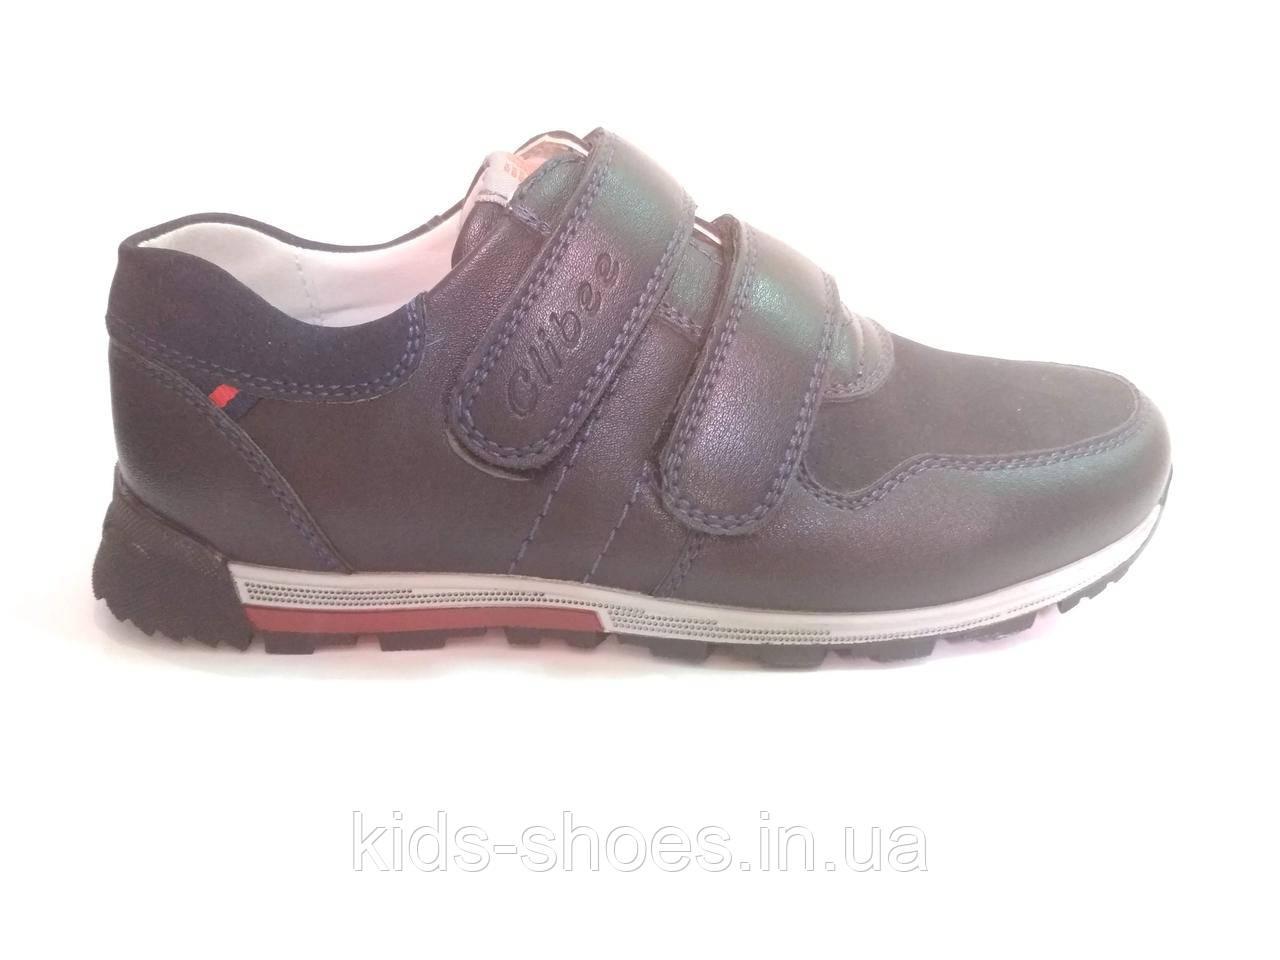 9355ee978 Кроссовки туфли для мальчика Clibee 32-36 - Интернет-магазин «Kids-Shoes